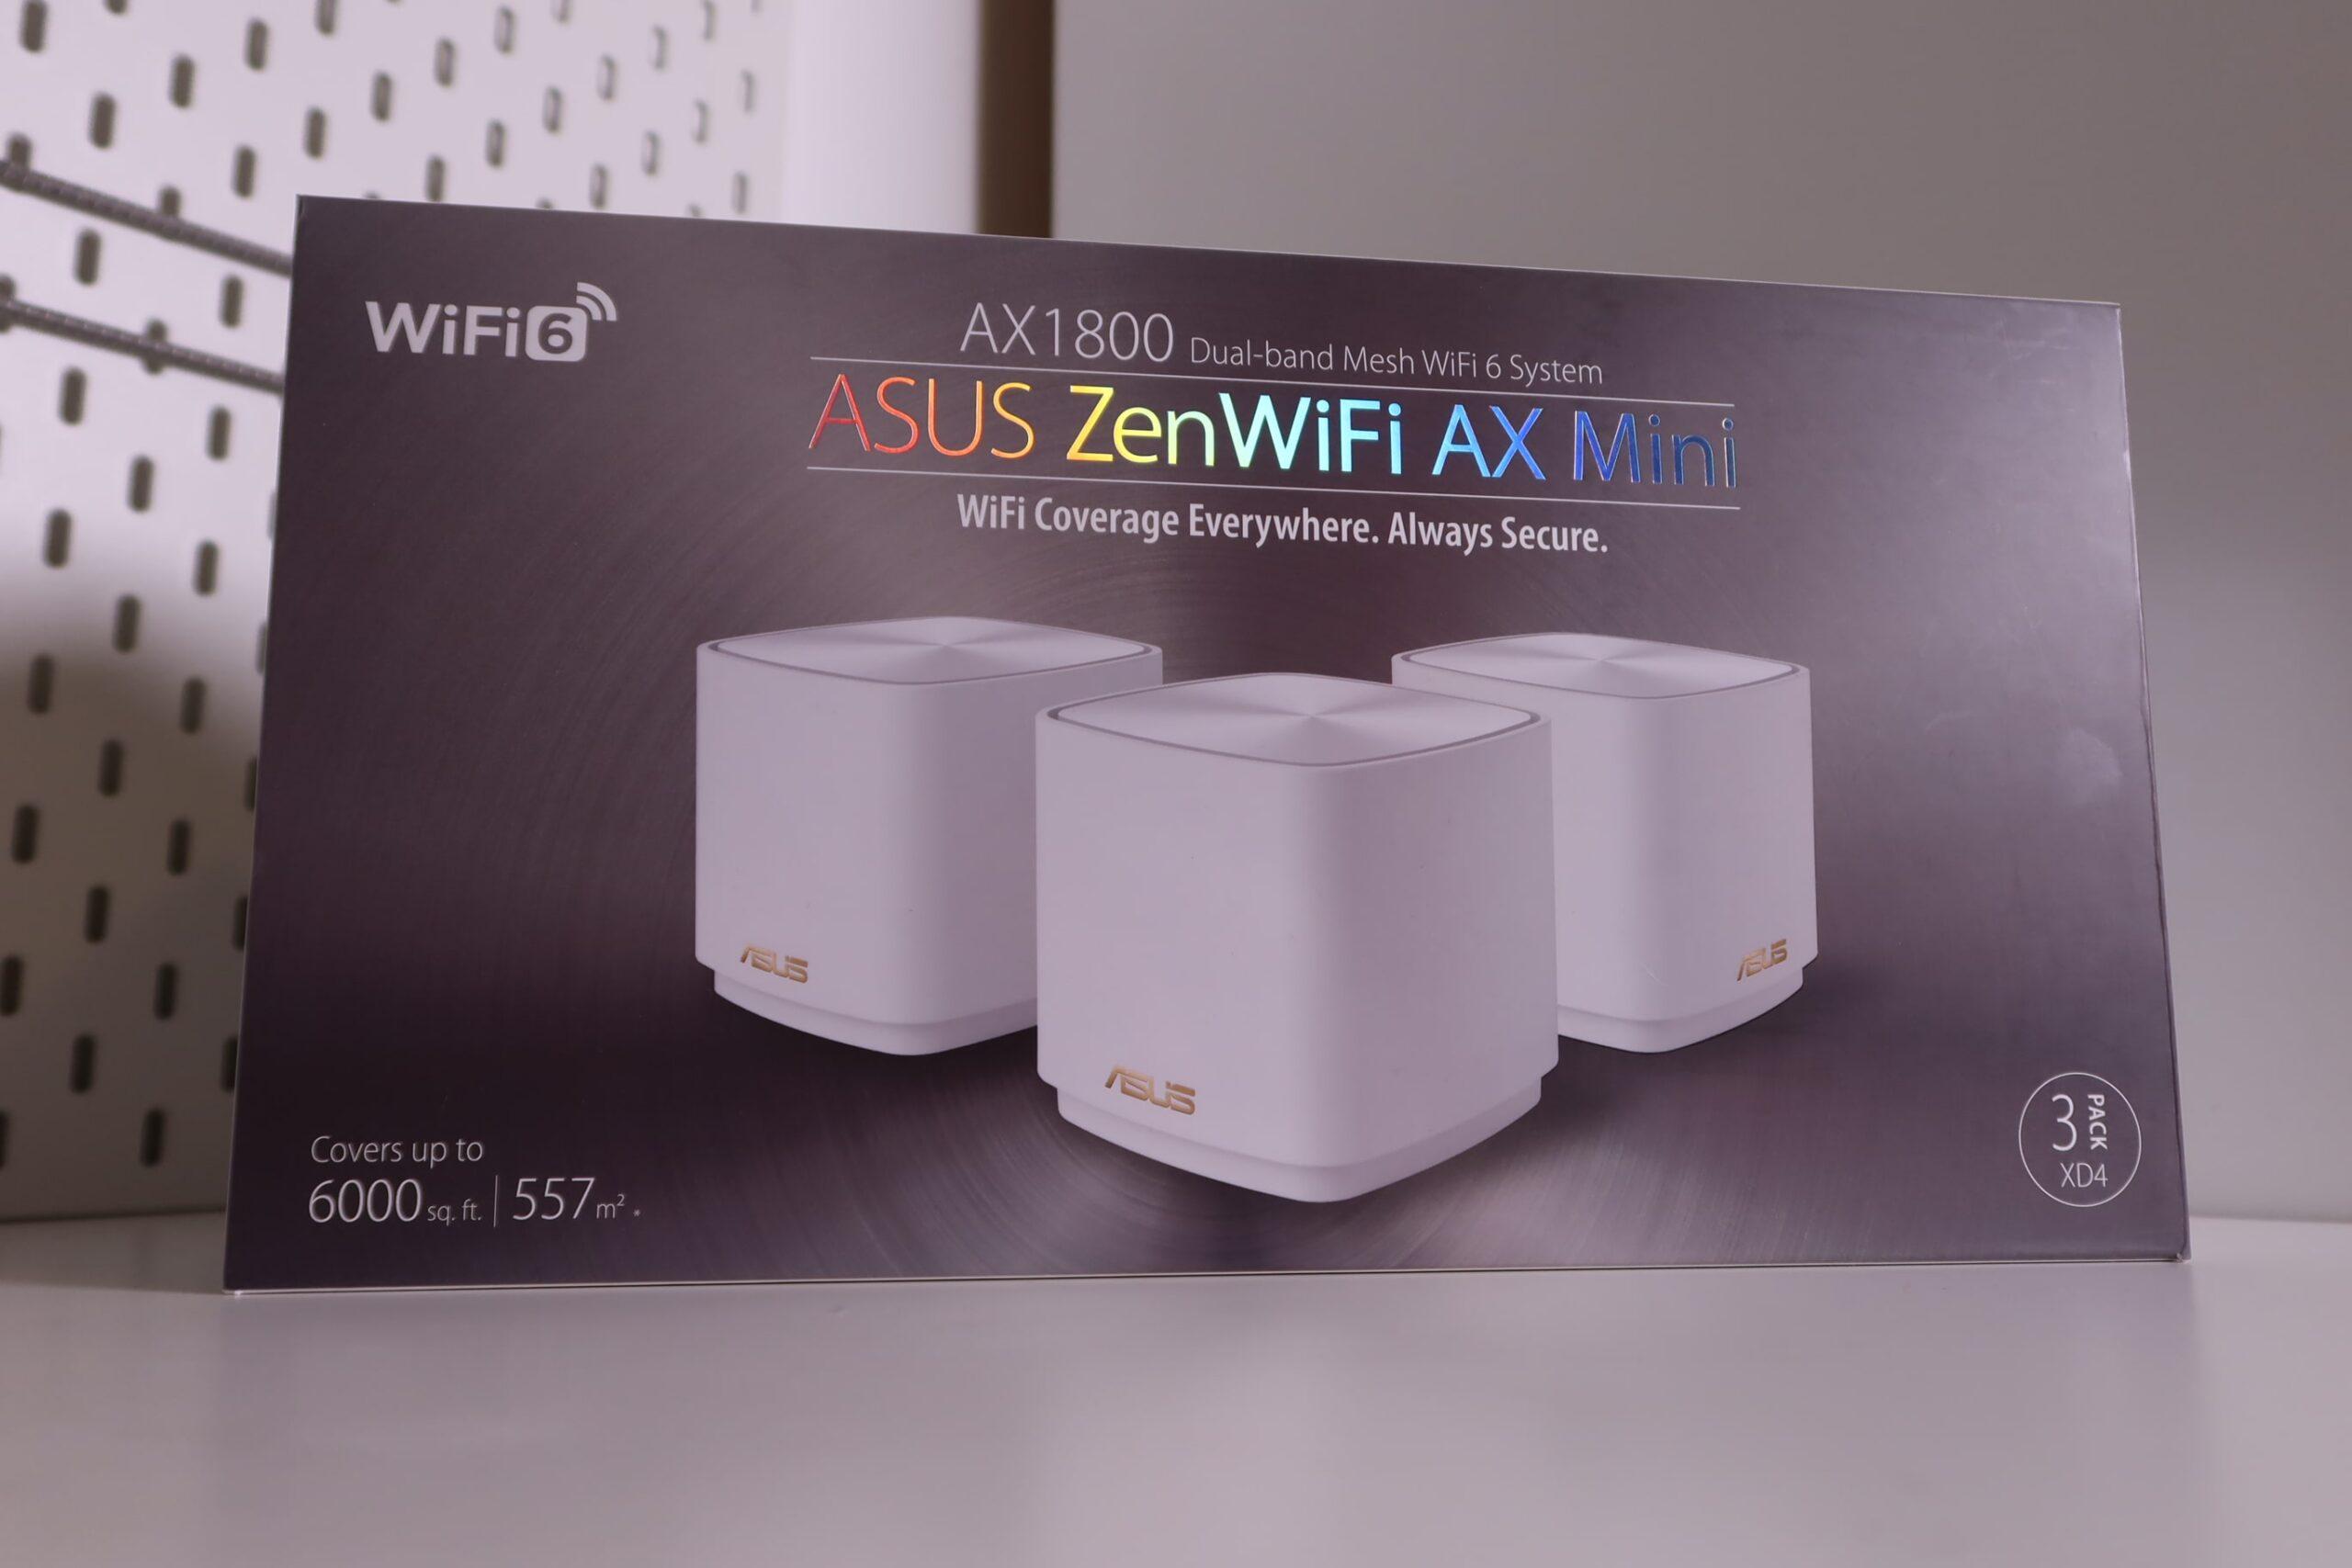 Review ASUS ZenWiFI AX Mini